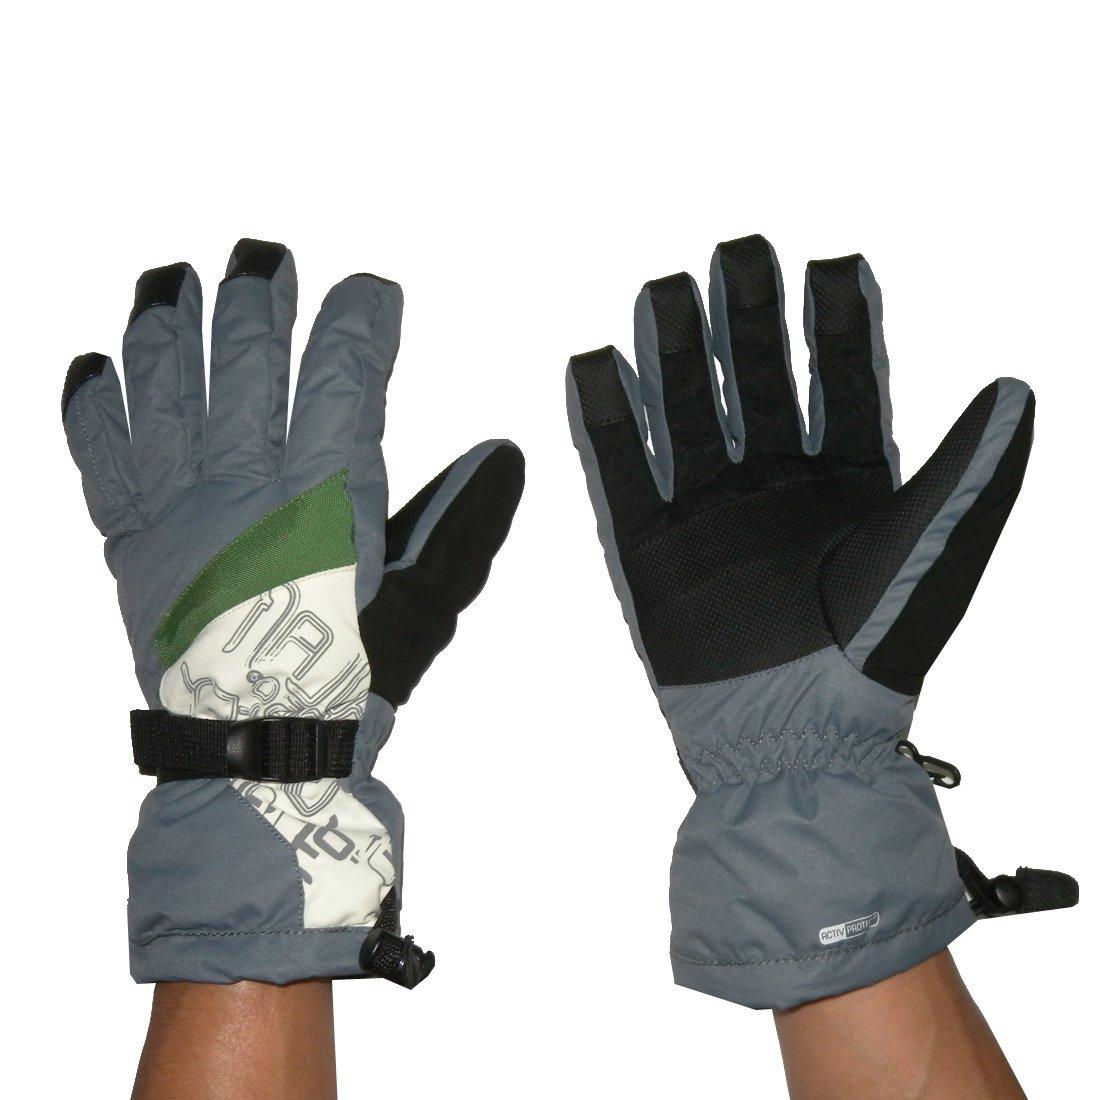 Herren Professionelle Warm & winddicht Insulated Winter Ski-Handschuhe mit Innenfutter